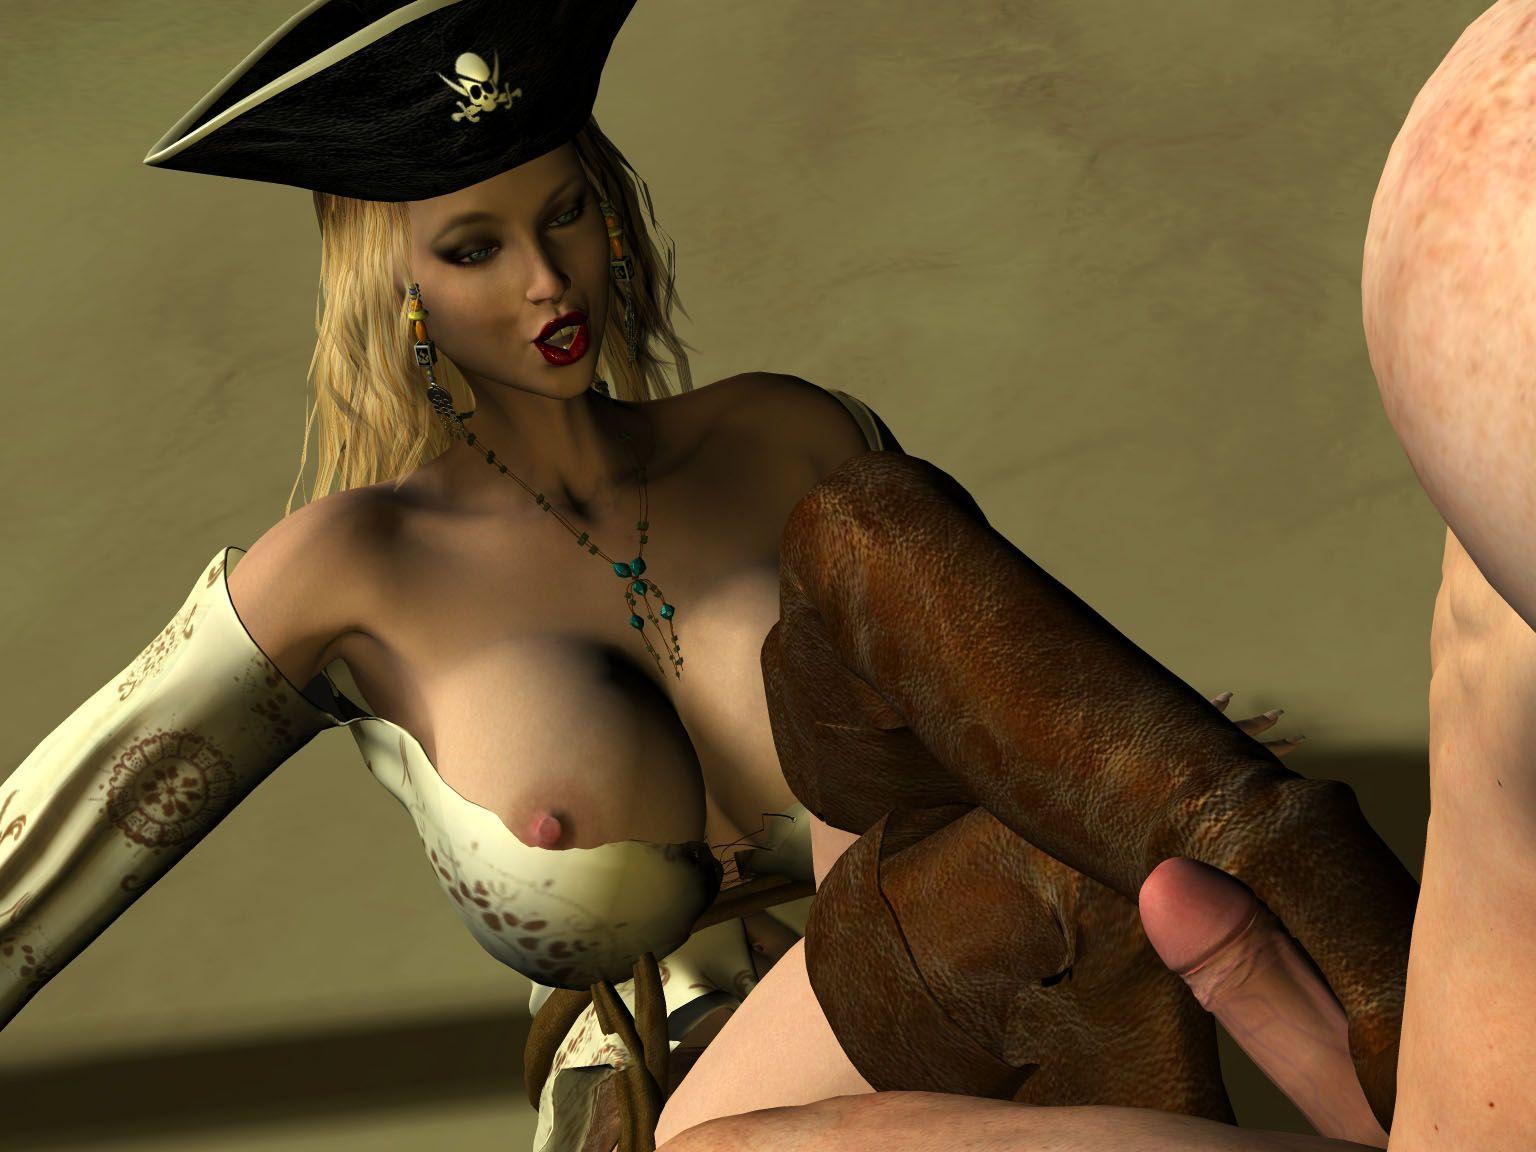 Эротика пираты онлайн, Пираты Pirates Смотреть порно фильм онлайн 24 фотография